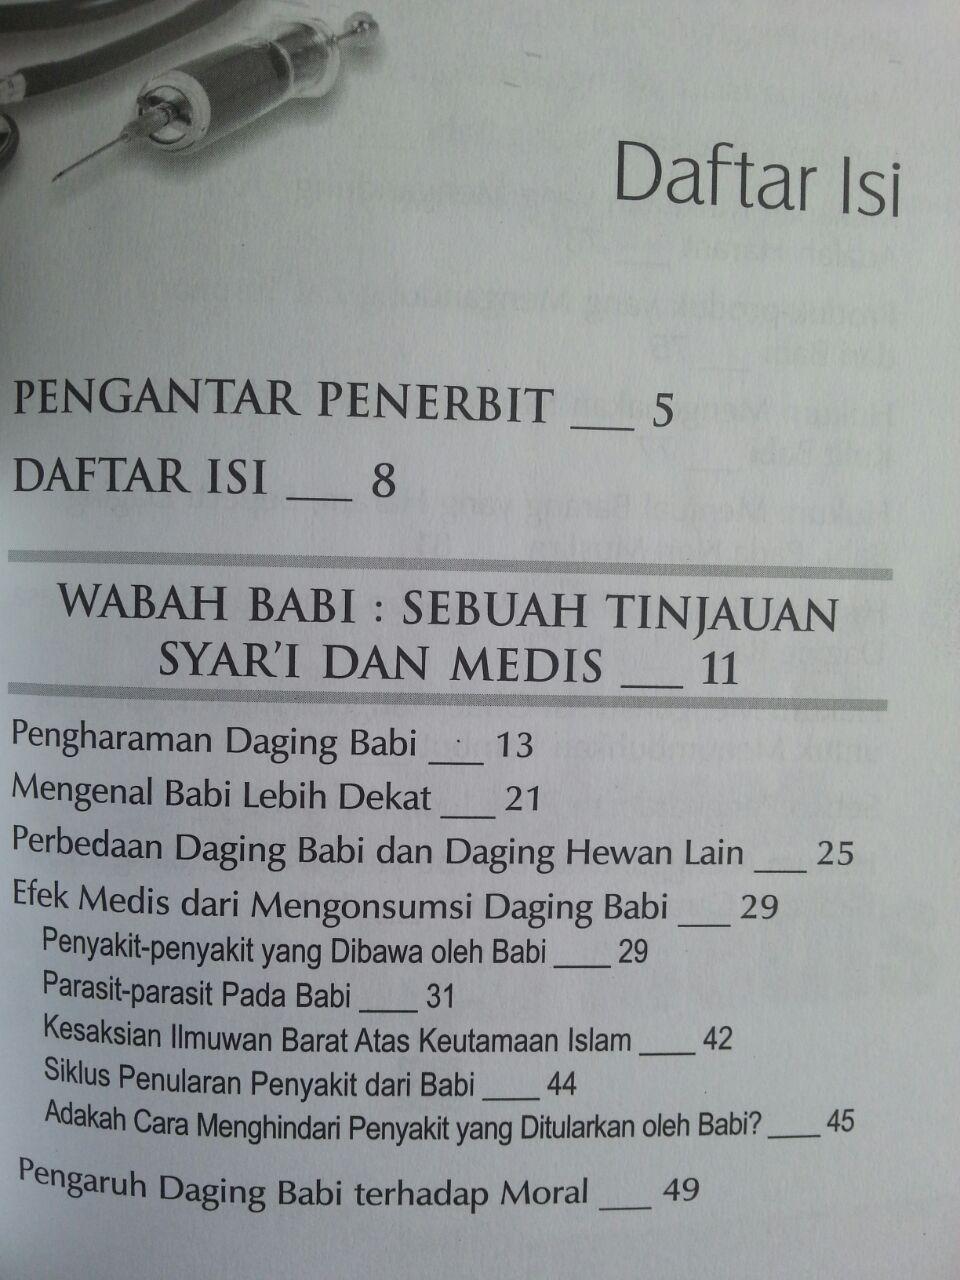 Buku Heboh Wabah Babi Mendeteksi Berbagai Penyakit Dalam Babi isi